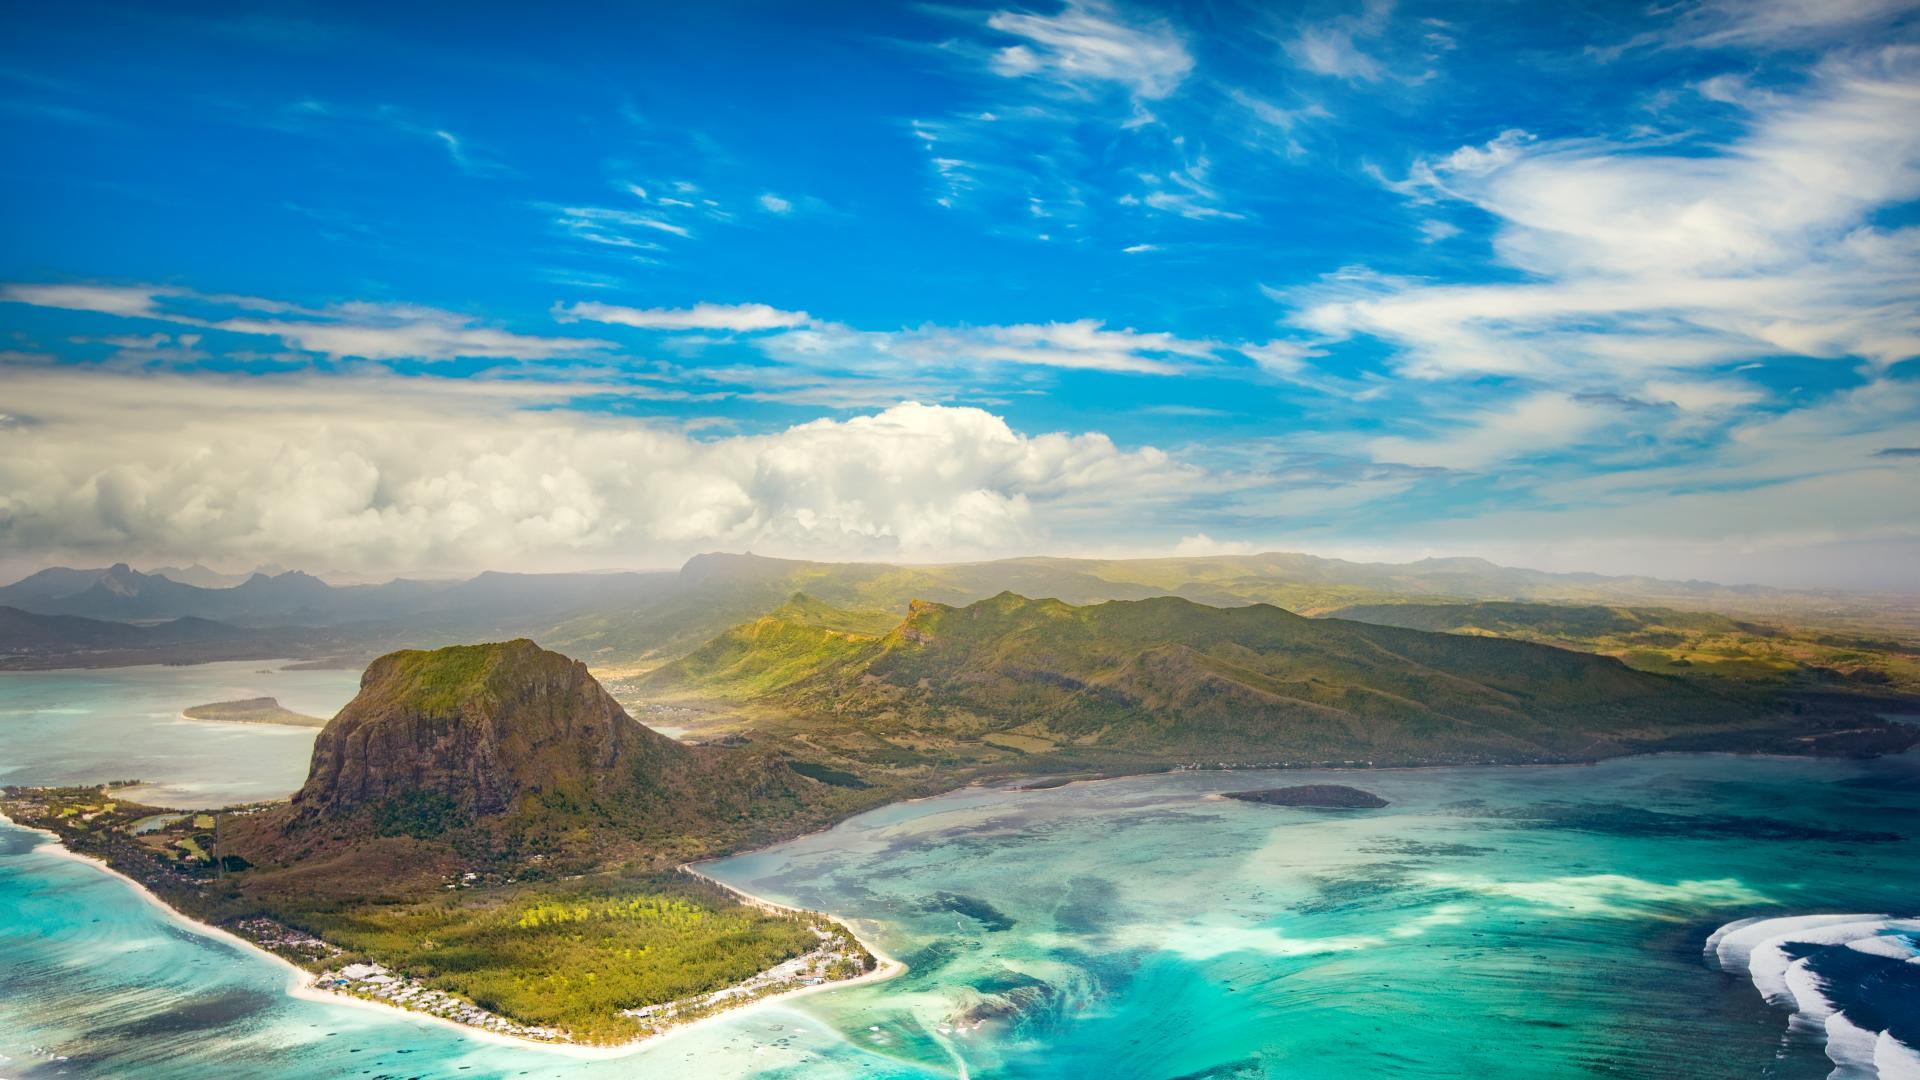 Този островен рай празнува своята независимост днес